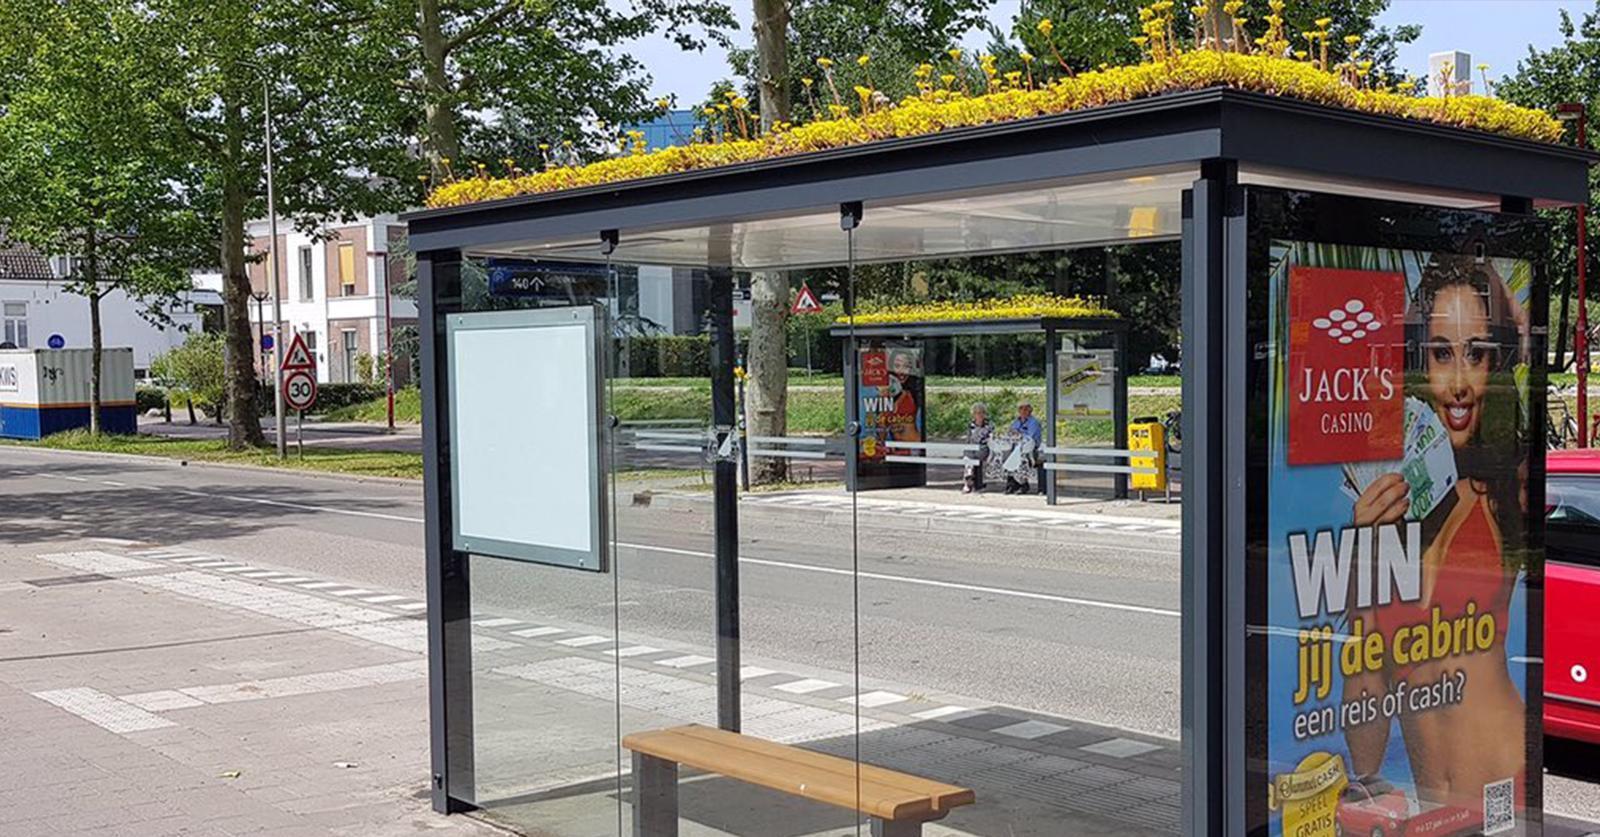 bus-stop-bees-1562873127347.jpg